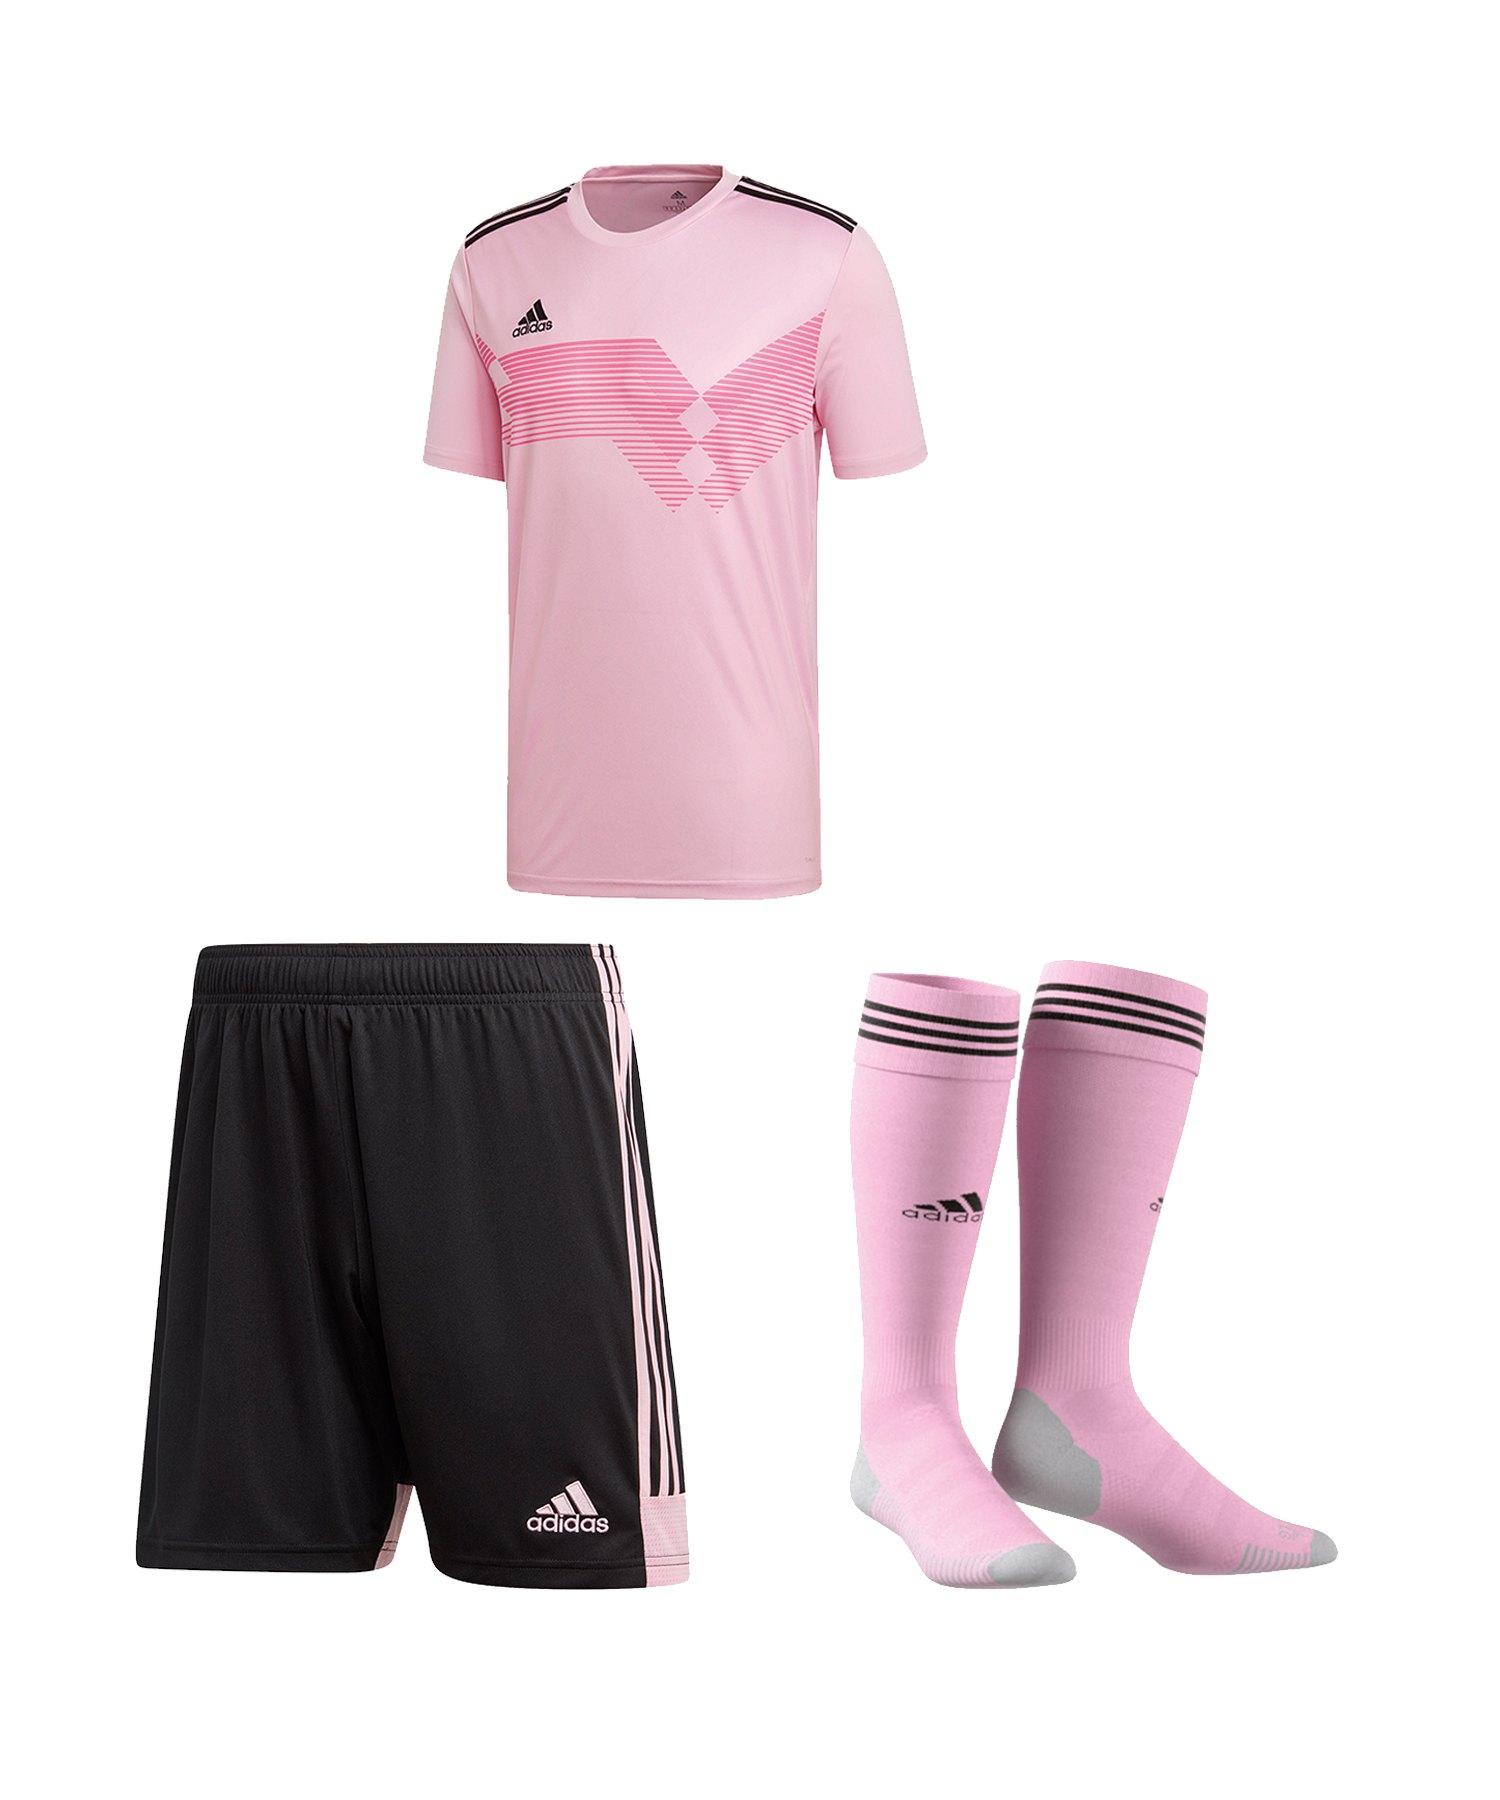 adidas Campeon 19 Trikotset Pink Schwarz - pink